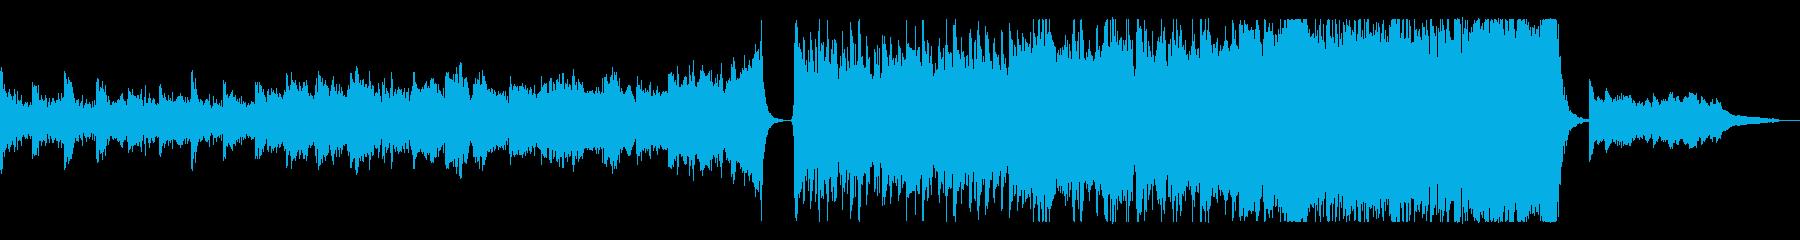 エピックオーケストラ/力強く感動的な曲の再生済みの波形